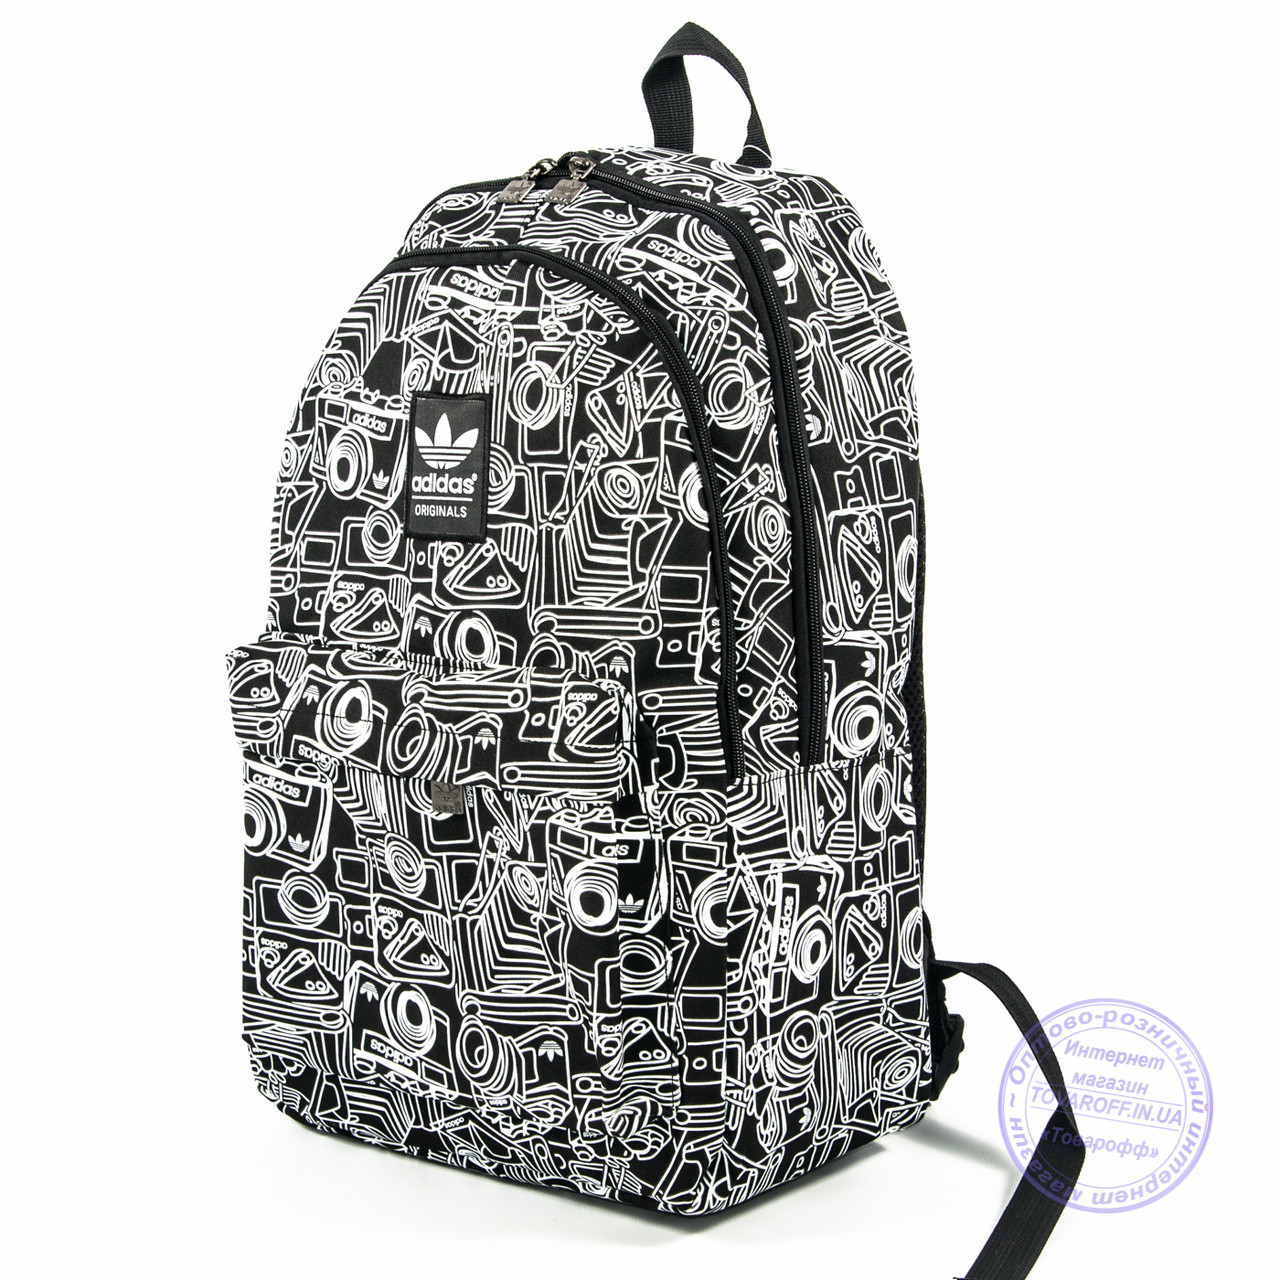 Рюкзак adidas черный купить детский рюкзак на колесиках с выдвижной ручкой